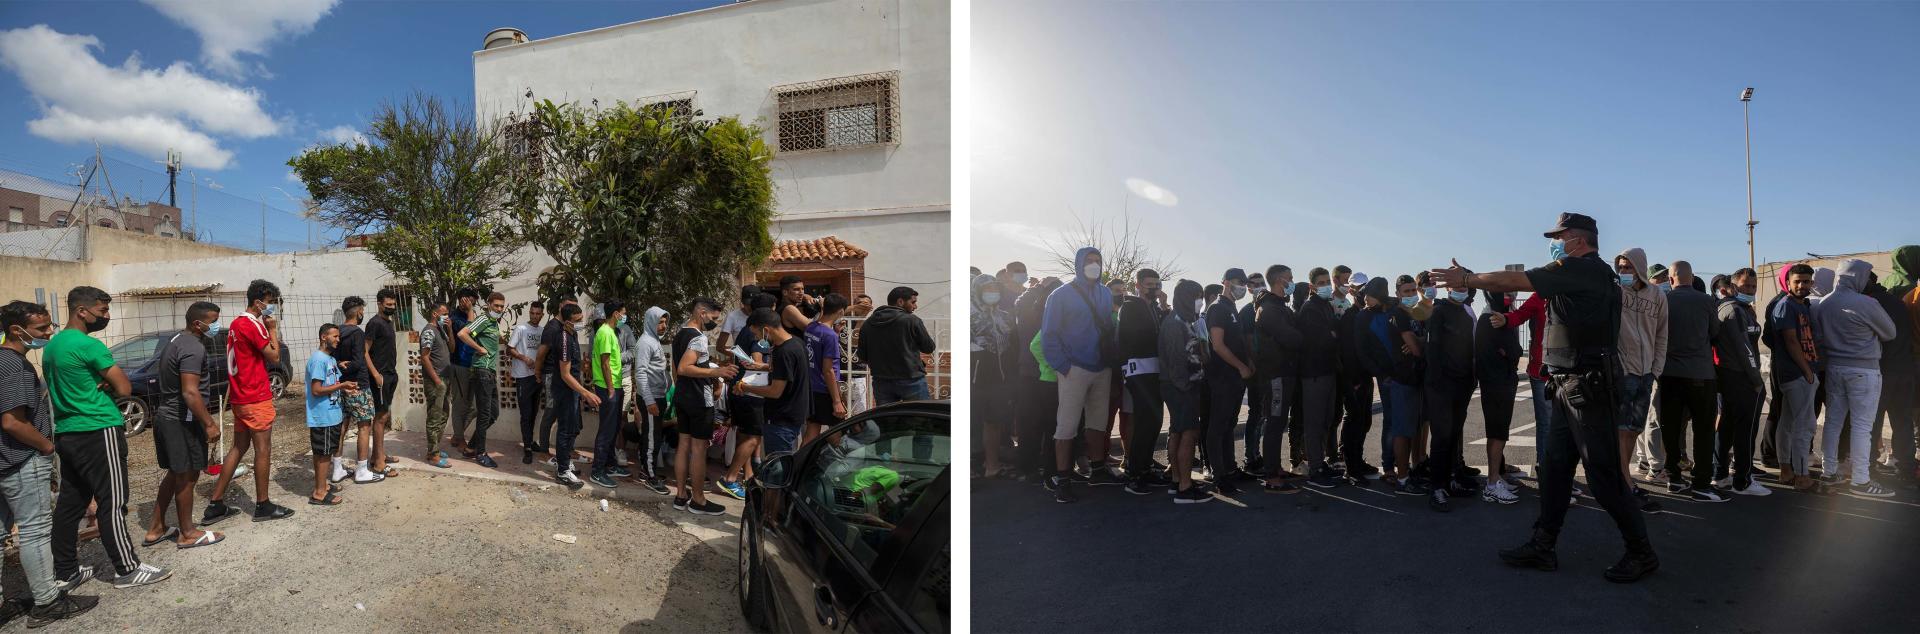 Des migrants, pour la plupart marocains, font la queue à la frontière pour recevoir de la nourriture chez la bénévole Sabah Hamed (à gauche), et pour obtenir un rendez-vous au bureau d'asile (à droite). Ceuta, le 2 juin 2021.